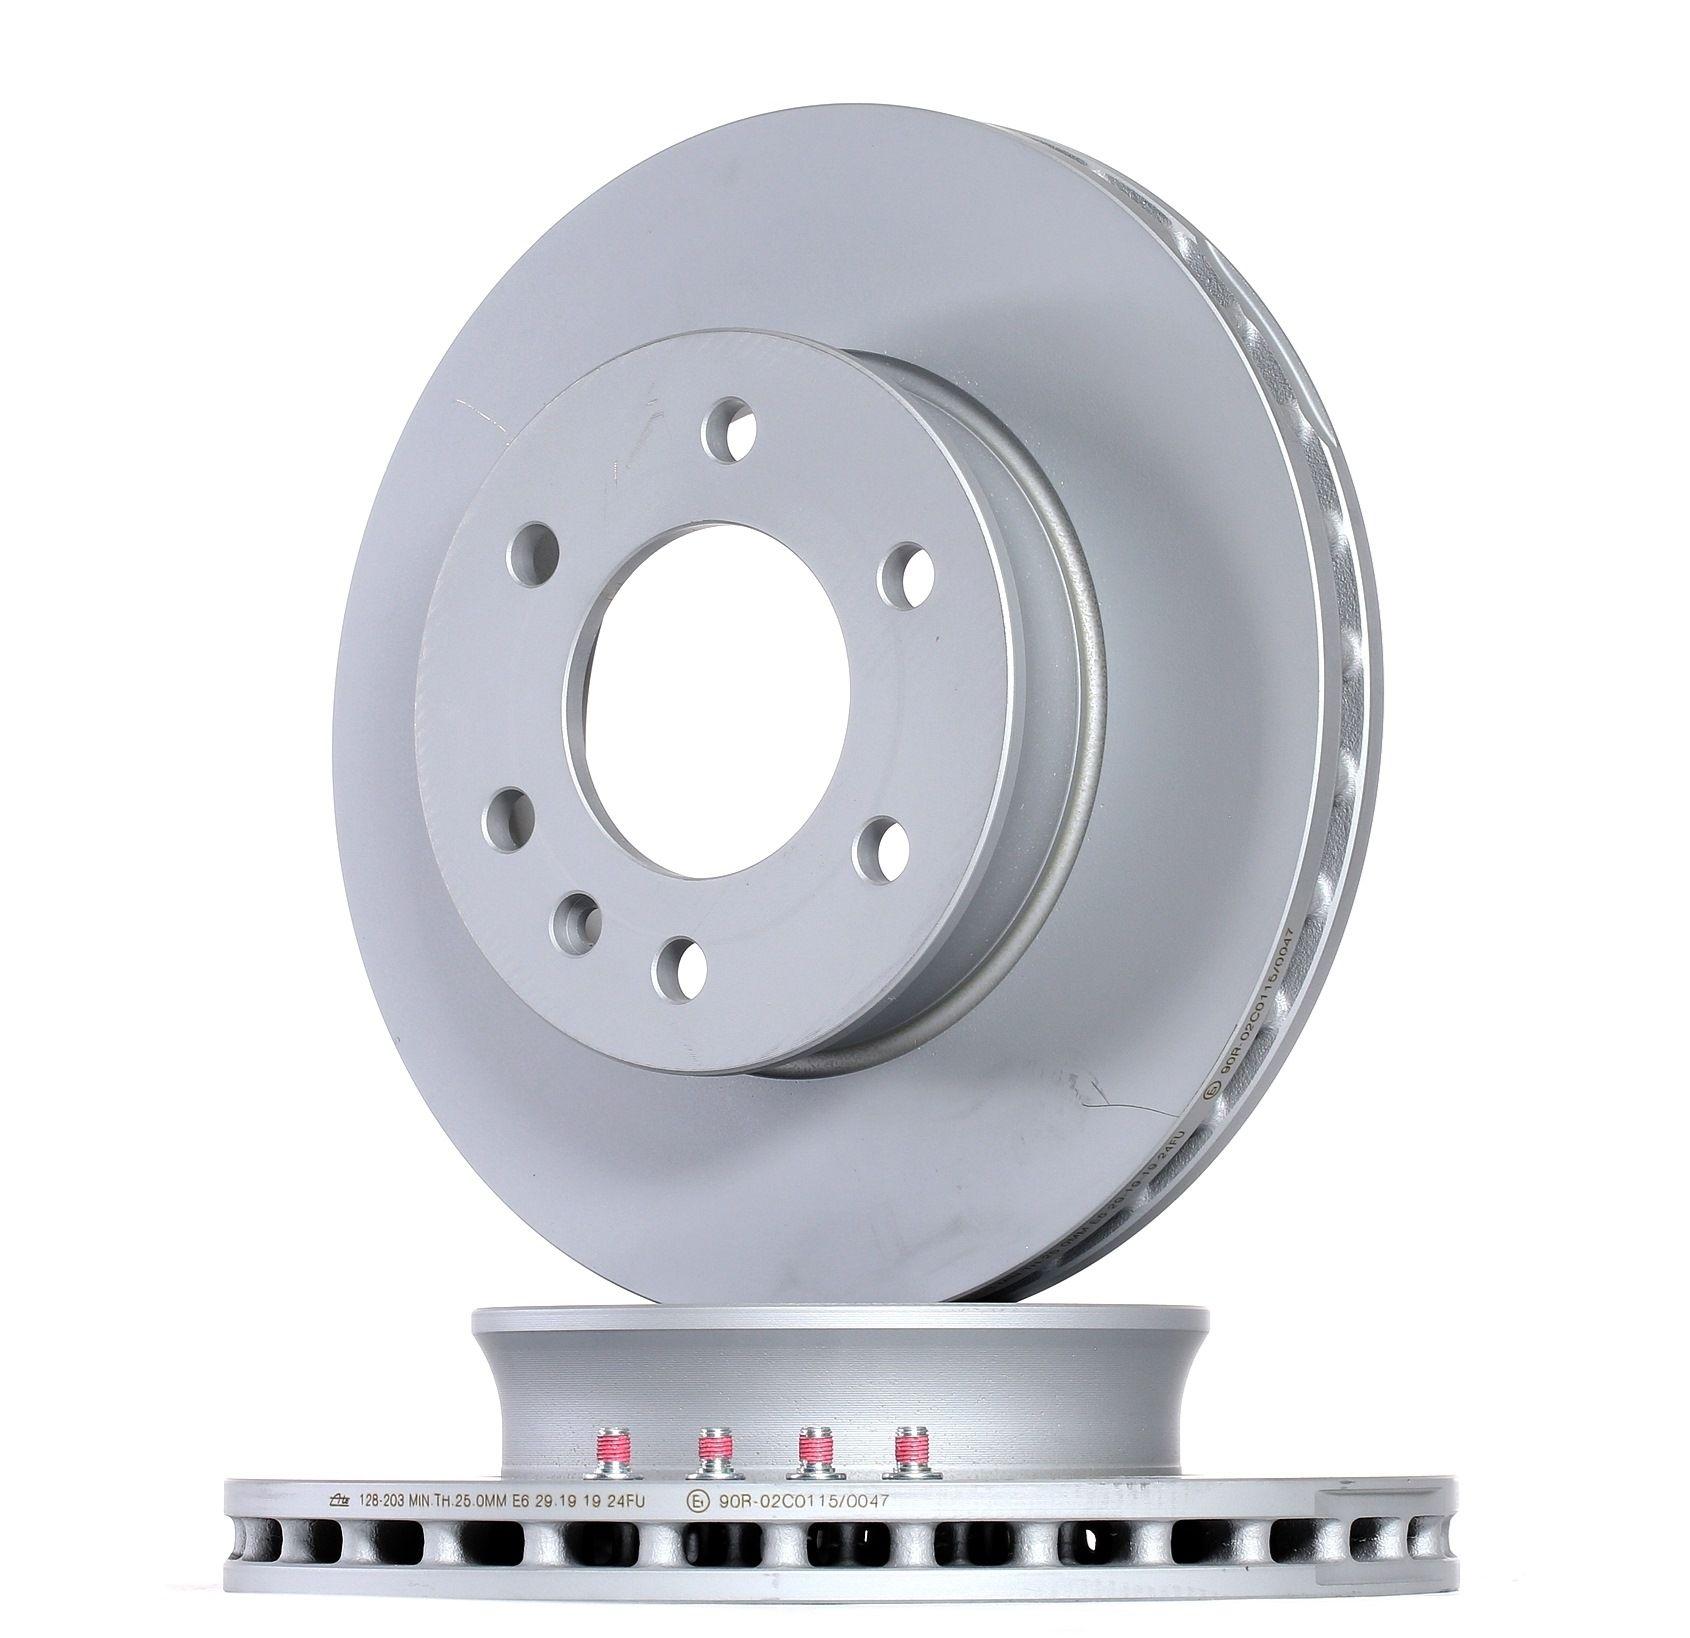 Achetez Disques de frein ATE 24.0128-0203.1 (Ø: 300,0mm, Nbre de trous: 6, Épaisseur du disque de frein: 28,0mm) à un rapport qualité-prix exceptionnel